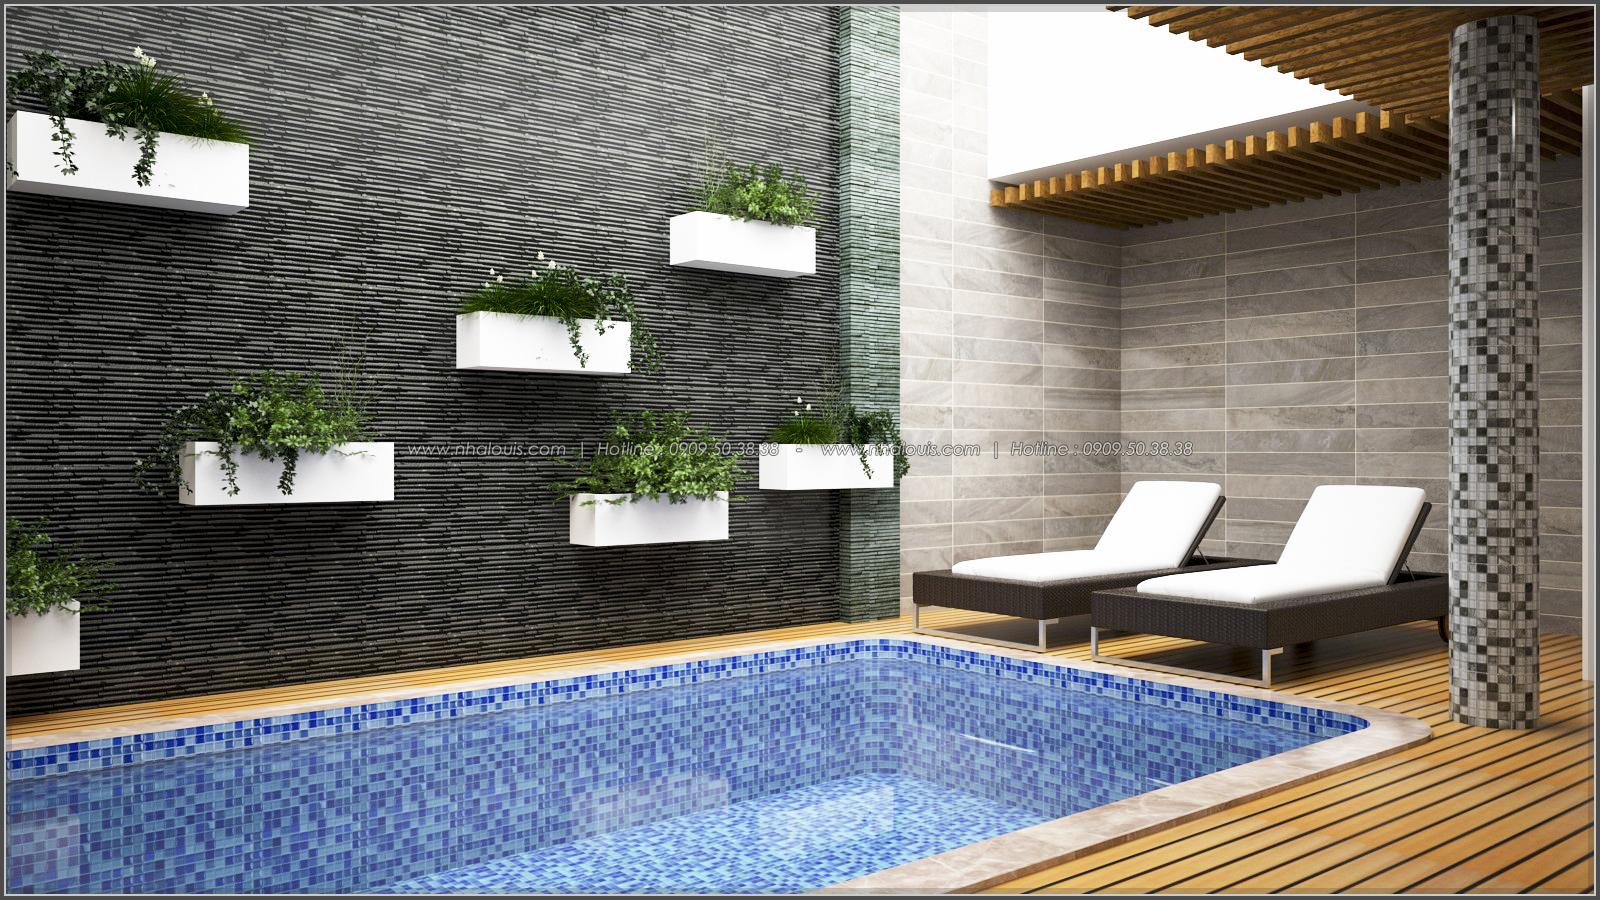 Thiết kế biệt thự có hồ bơi trong nhà tại quận Tân Bình đẹp sang chảnh